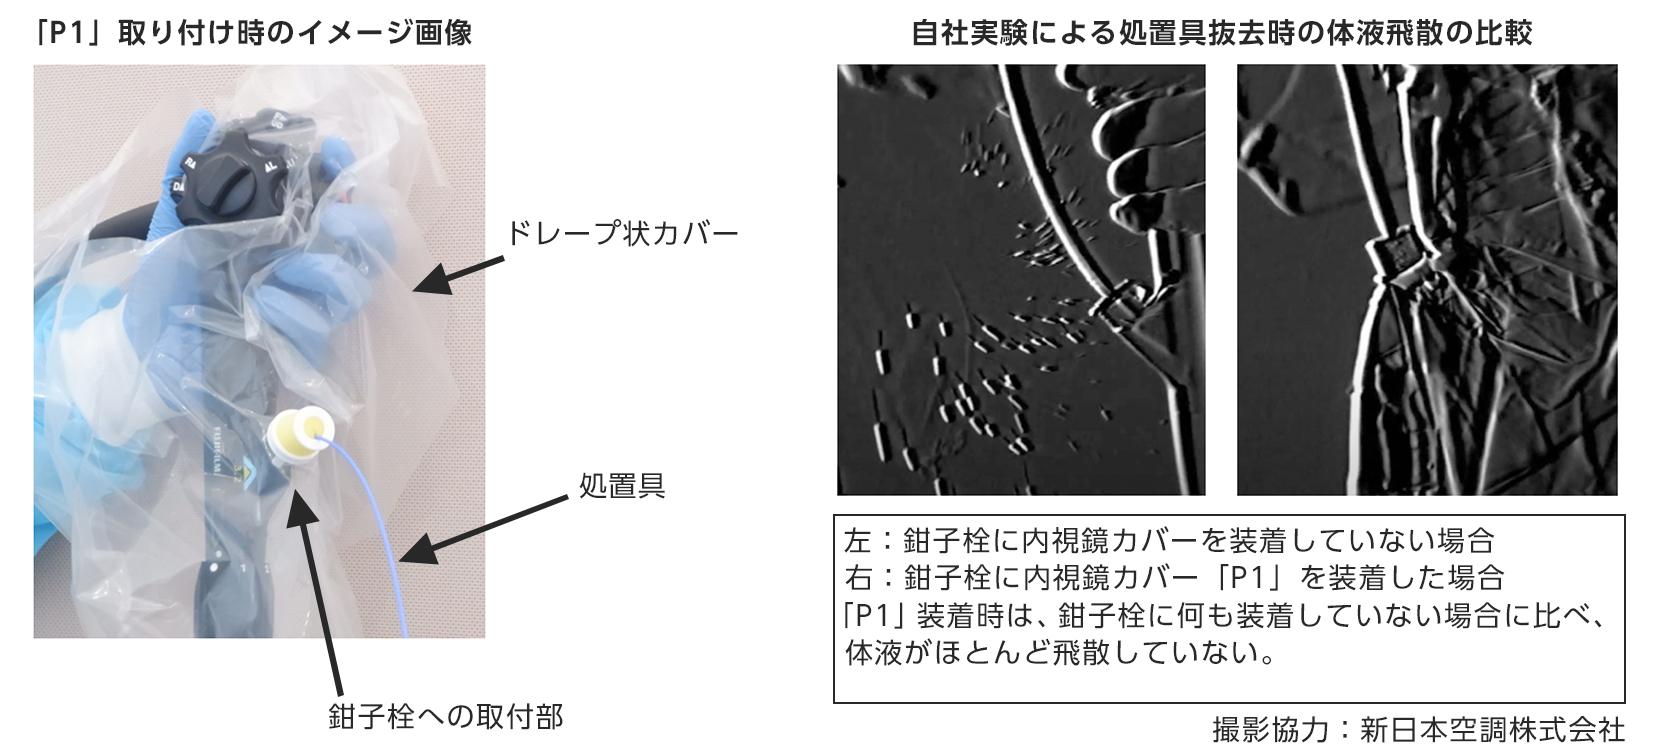 [図]内視鏡カバー「P1」の特長